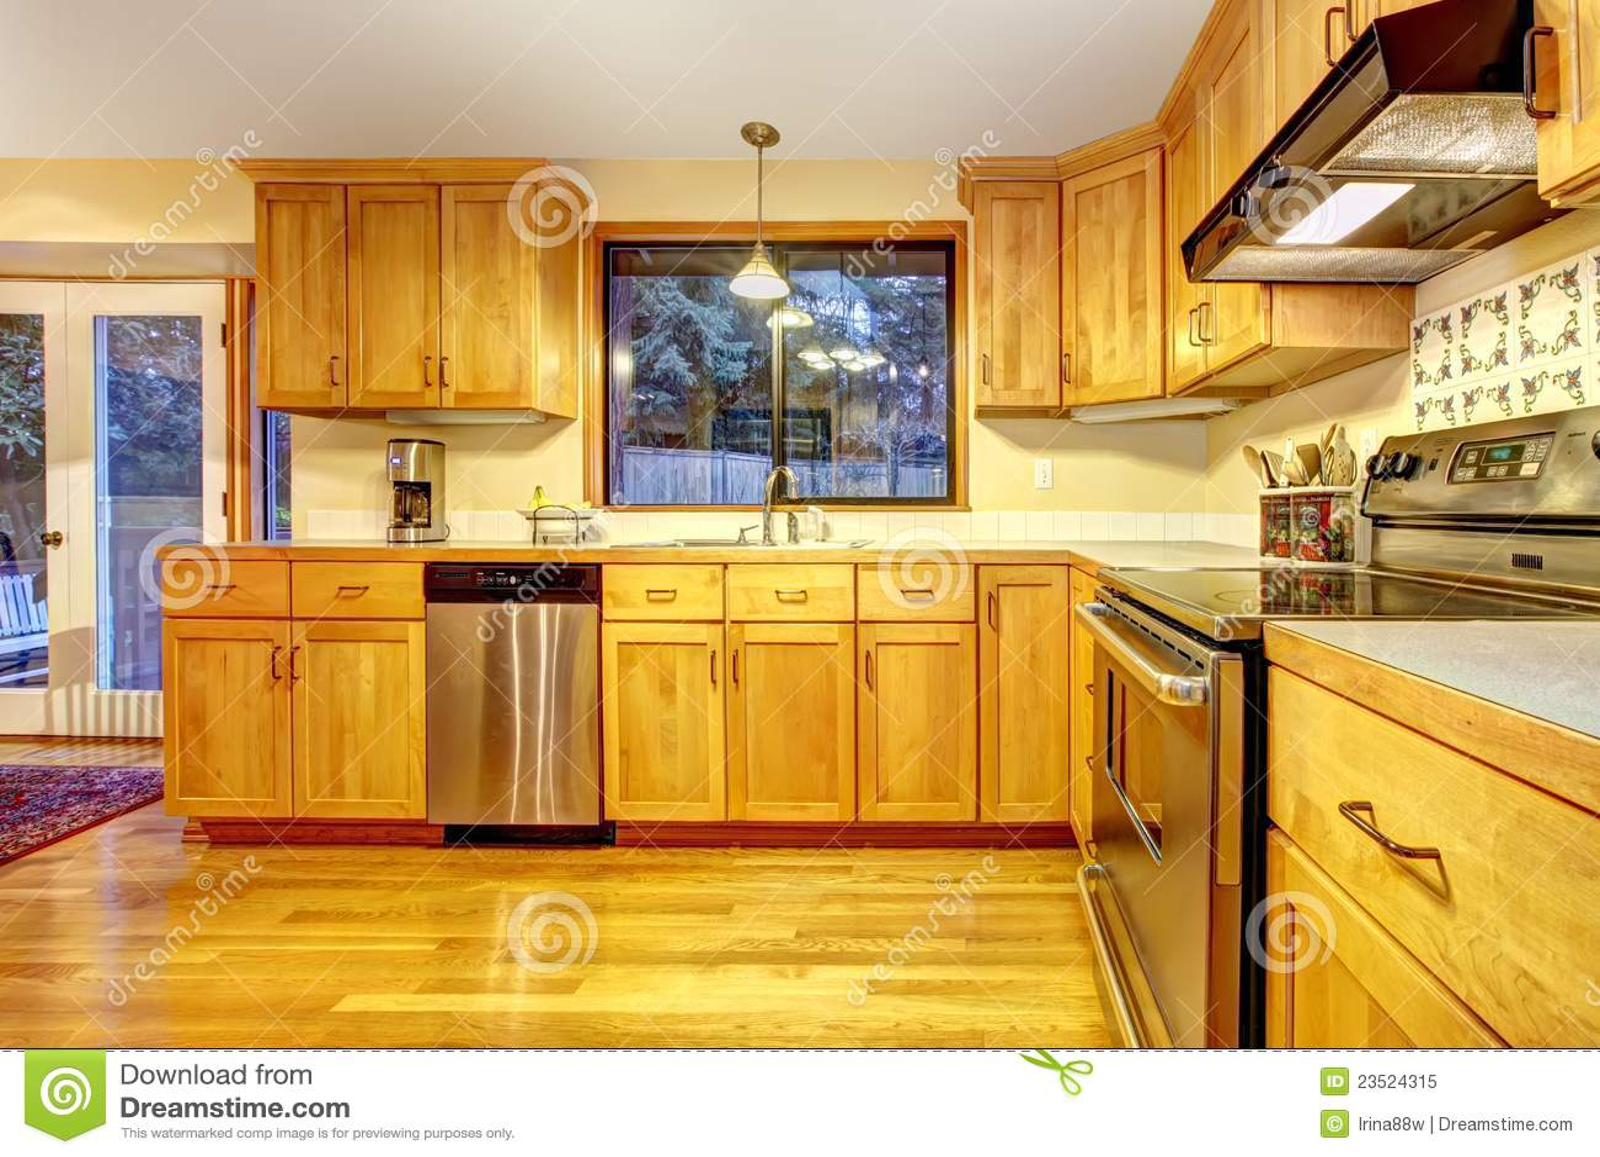 Cuisine en bois d 39 or avec le plancher en bois dur photo for Cuisine plancher bois